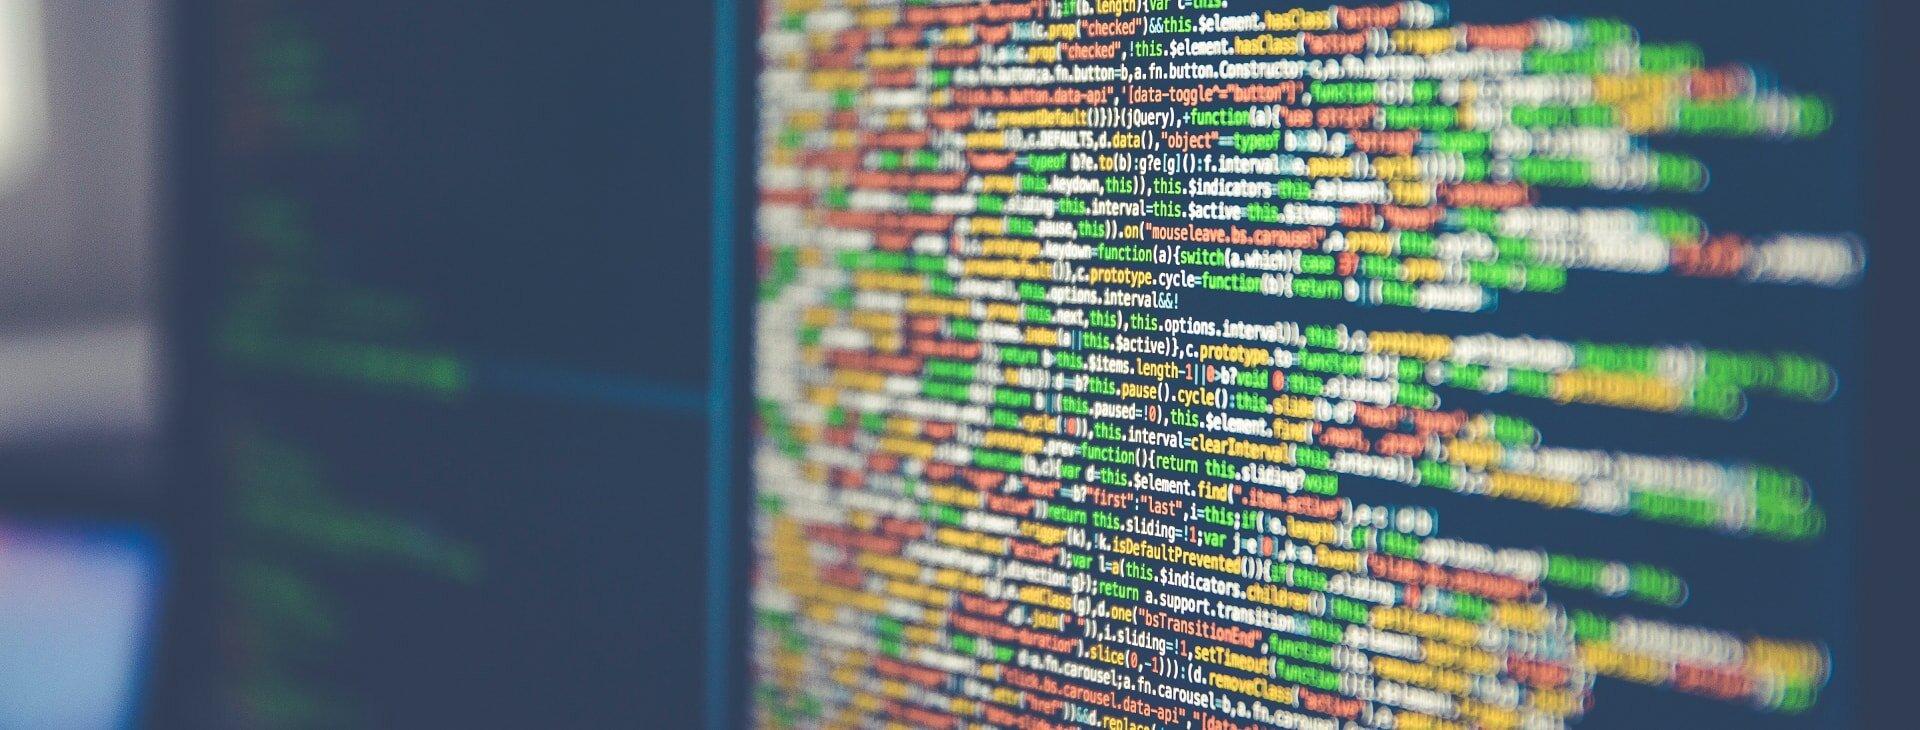 Desarrollo informático - Empresa de informatica Mallorca